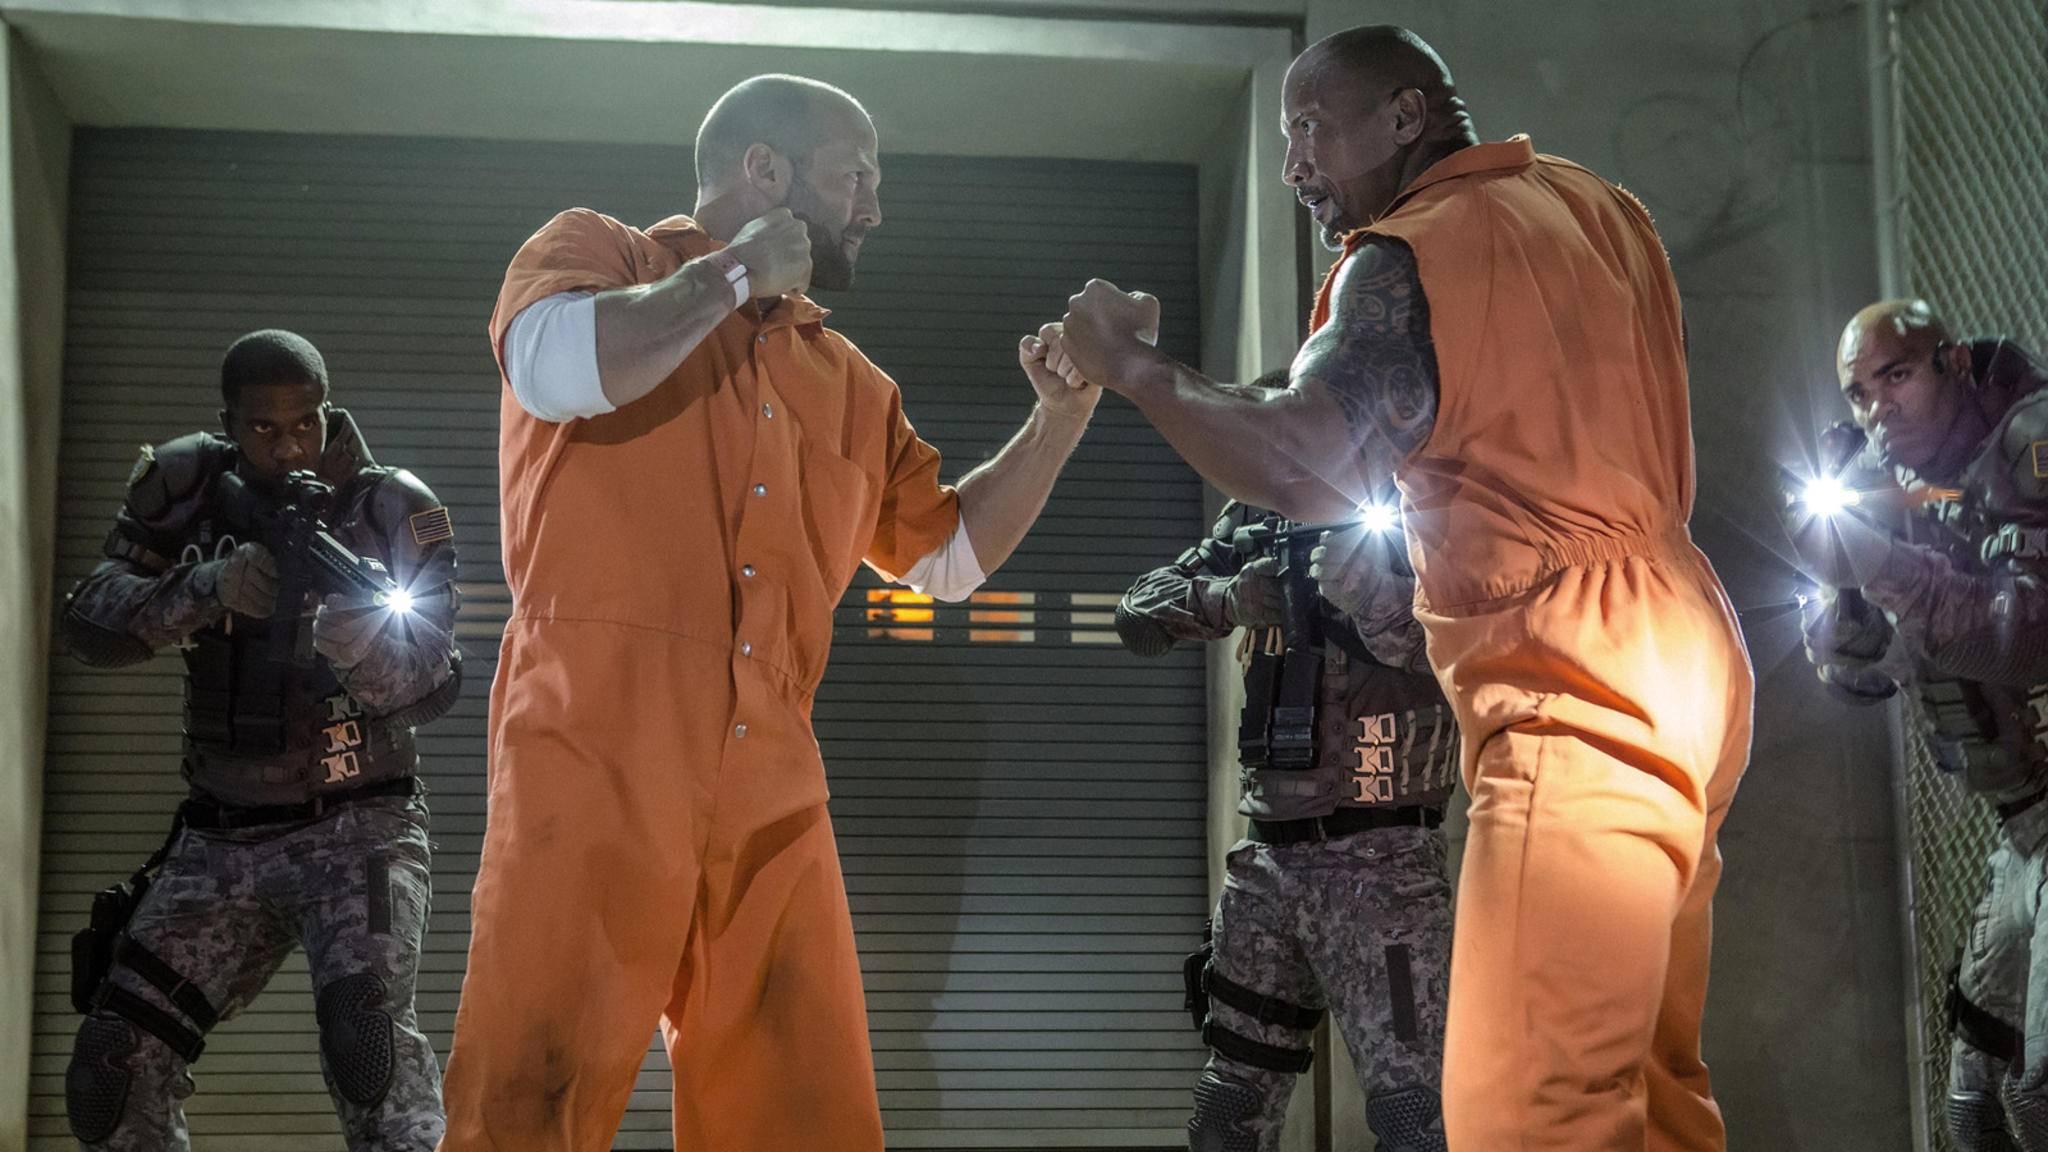 Wann wird es zum Duell zwischen Shaw und Hobbs im Zuge eines Spin-offs kommen?